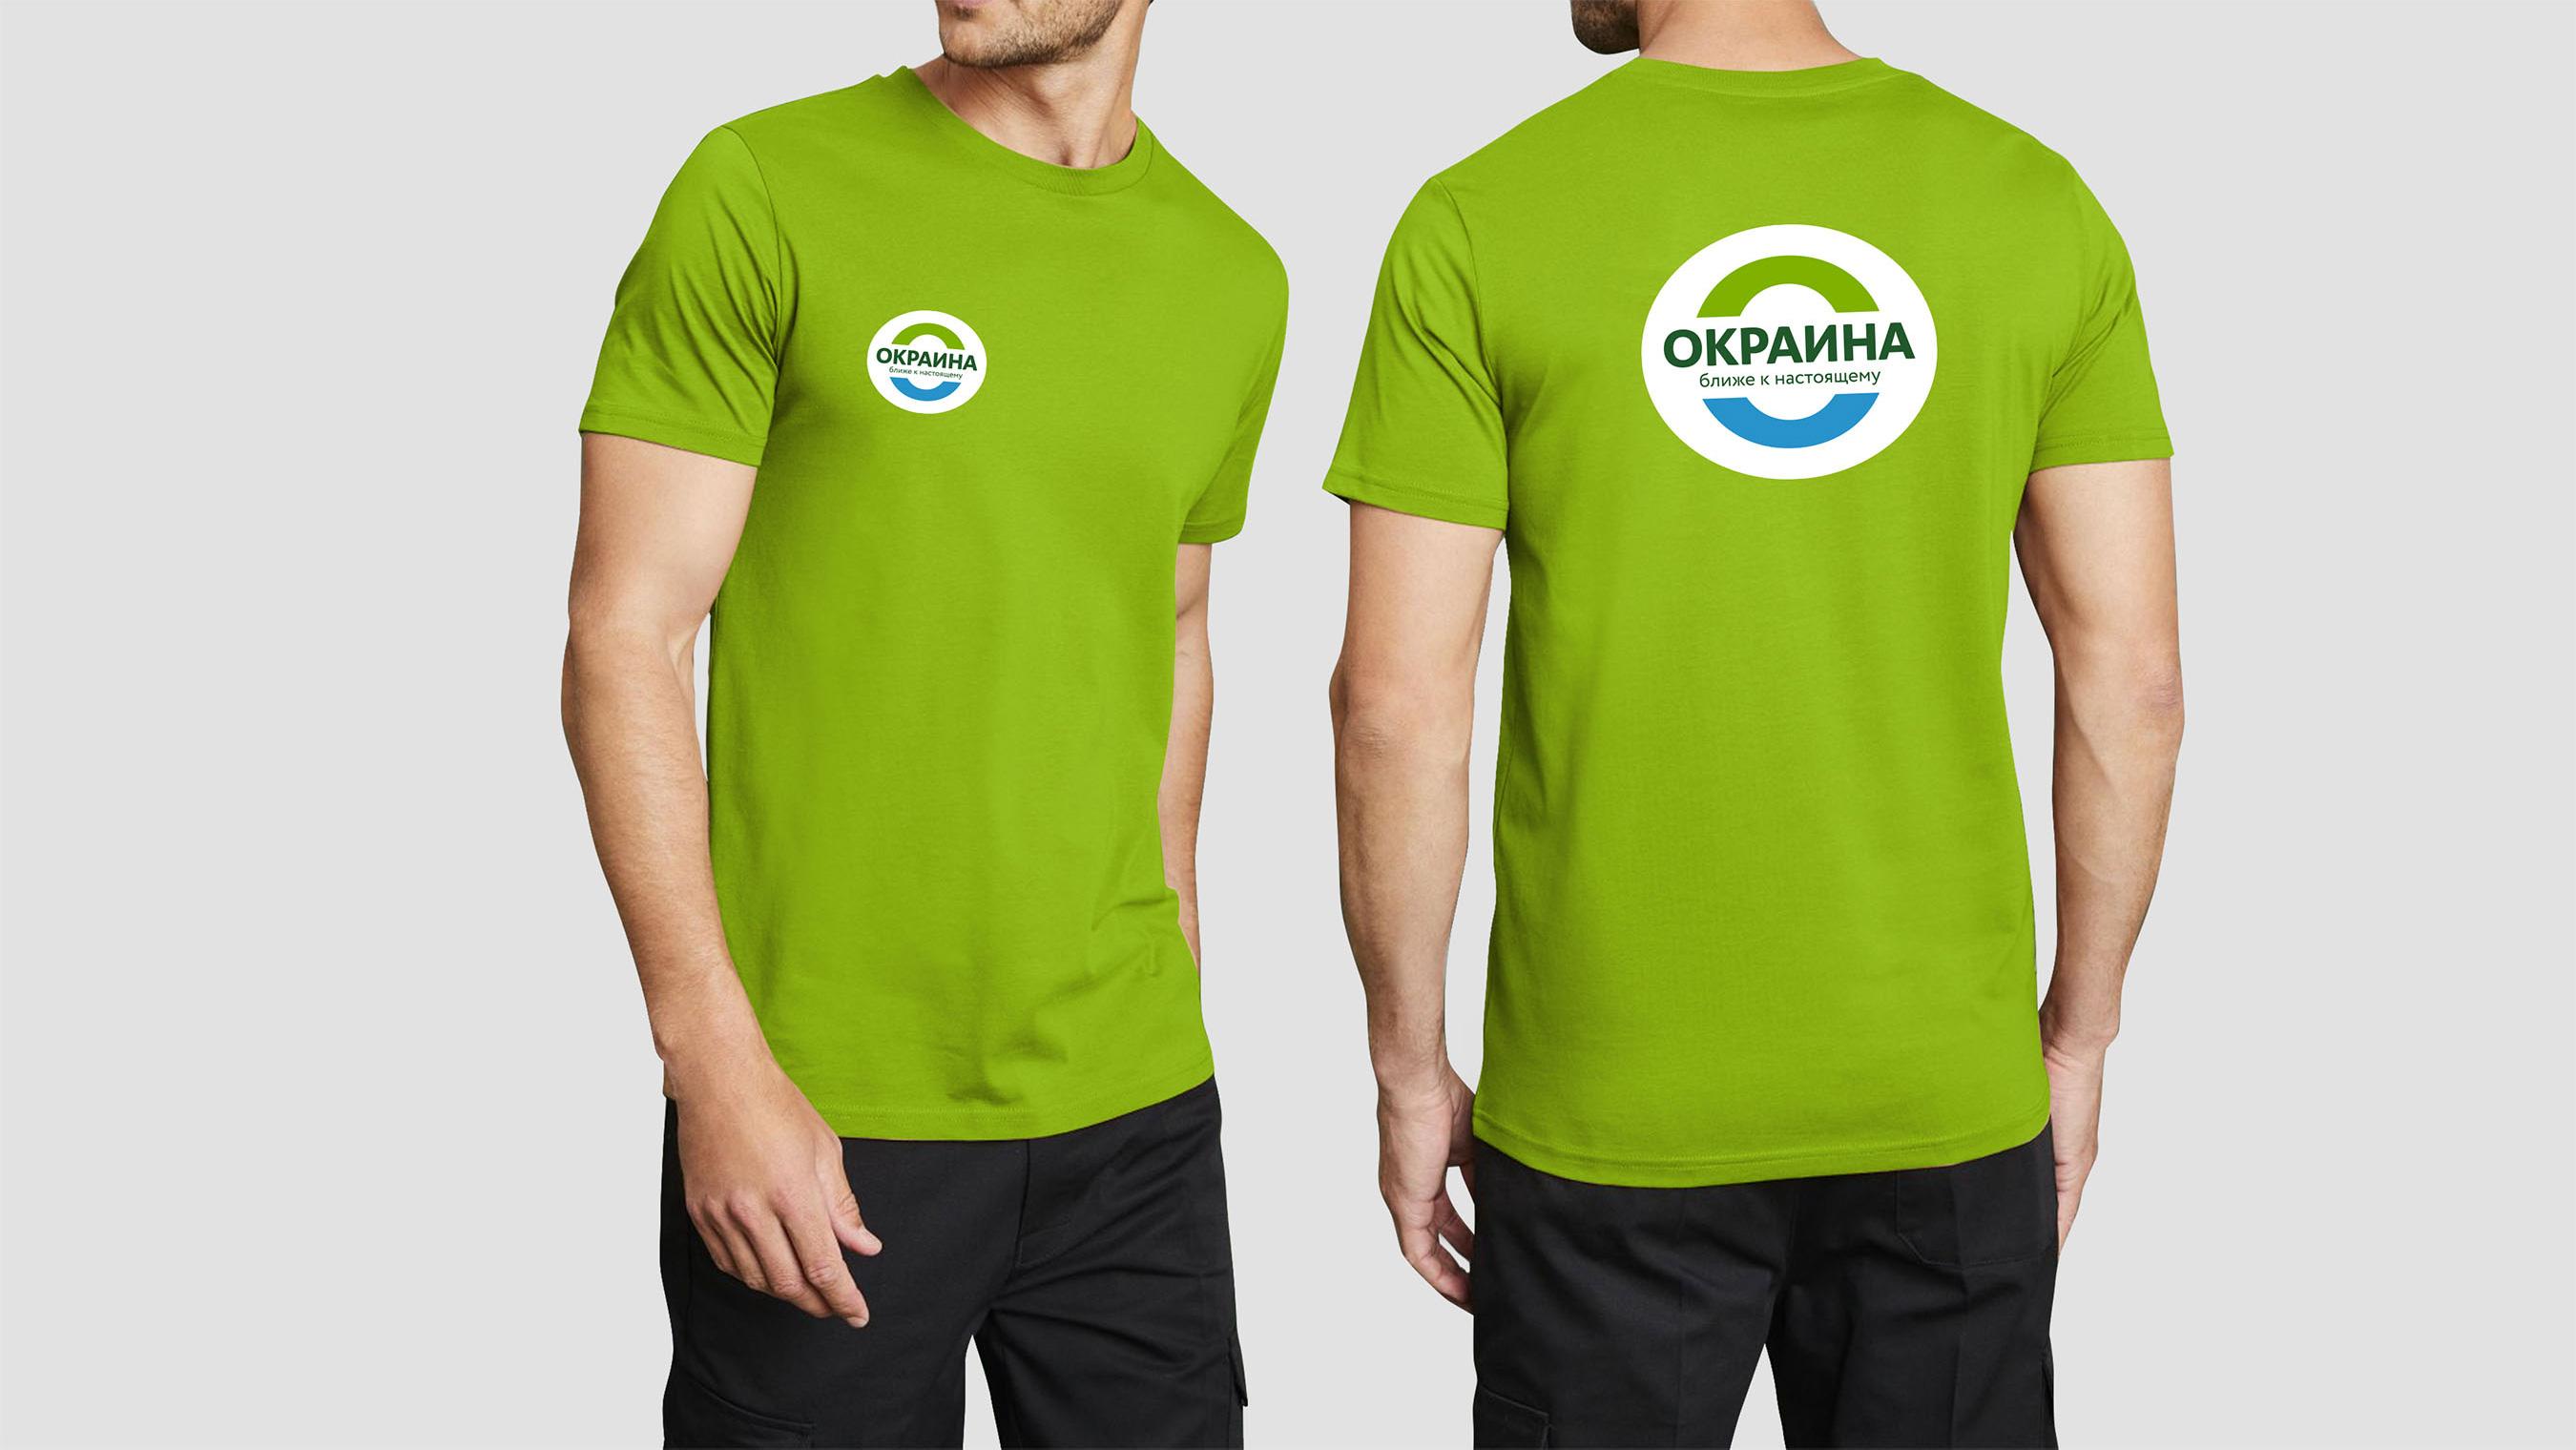 Фирменный брендбук содержит рекомендации для оформления носителей бренда в том числе футболок